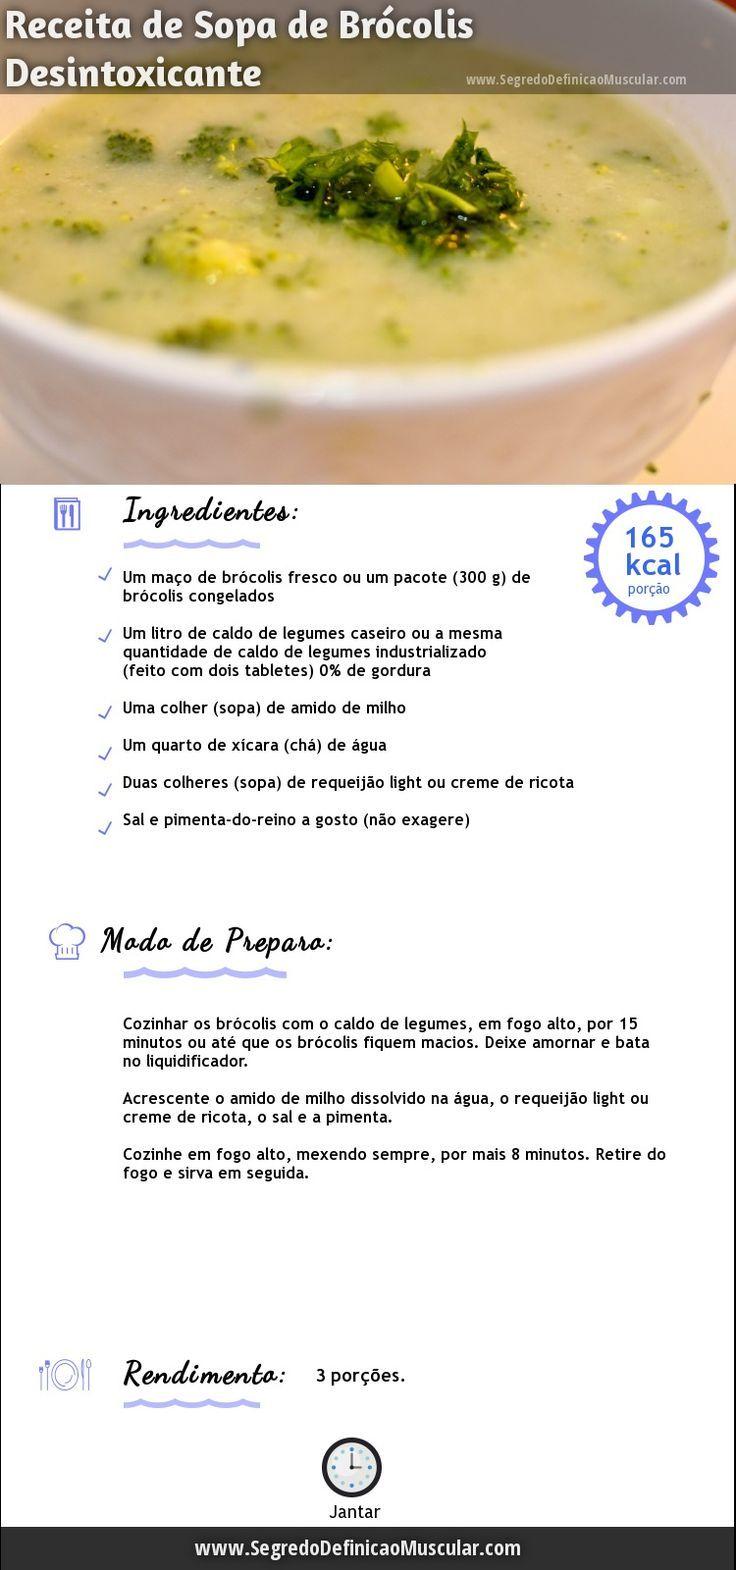 Sopa de Brócolis Desintoxicante → http://www.segredodefinicaomuscular.com/receita-leve-de-sopa-de-brocolis-desintoxicante/ #Dieta